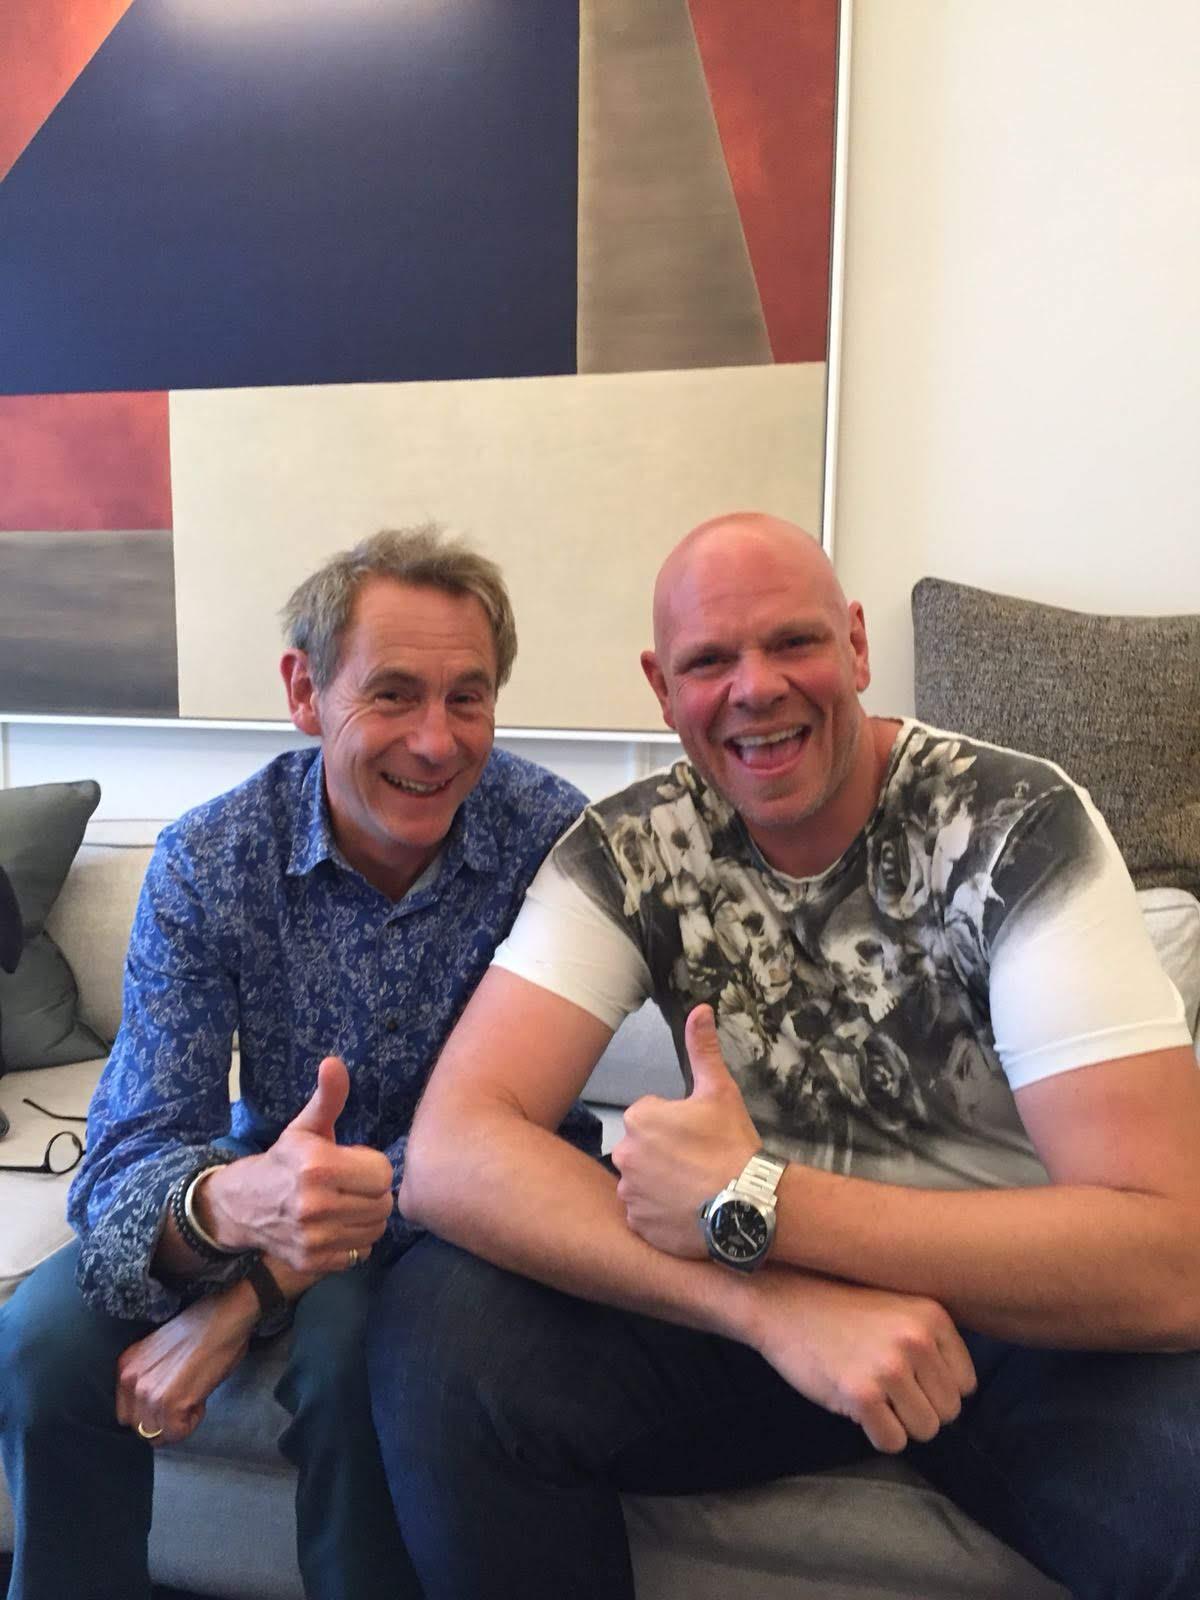 With Tom Kerridge